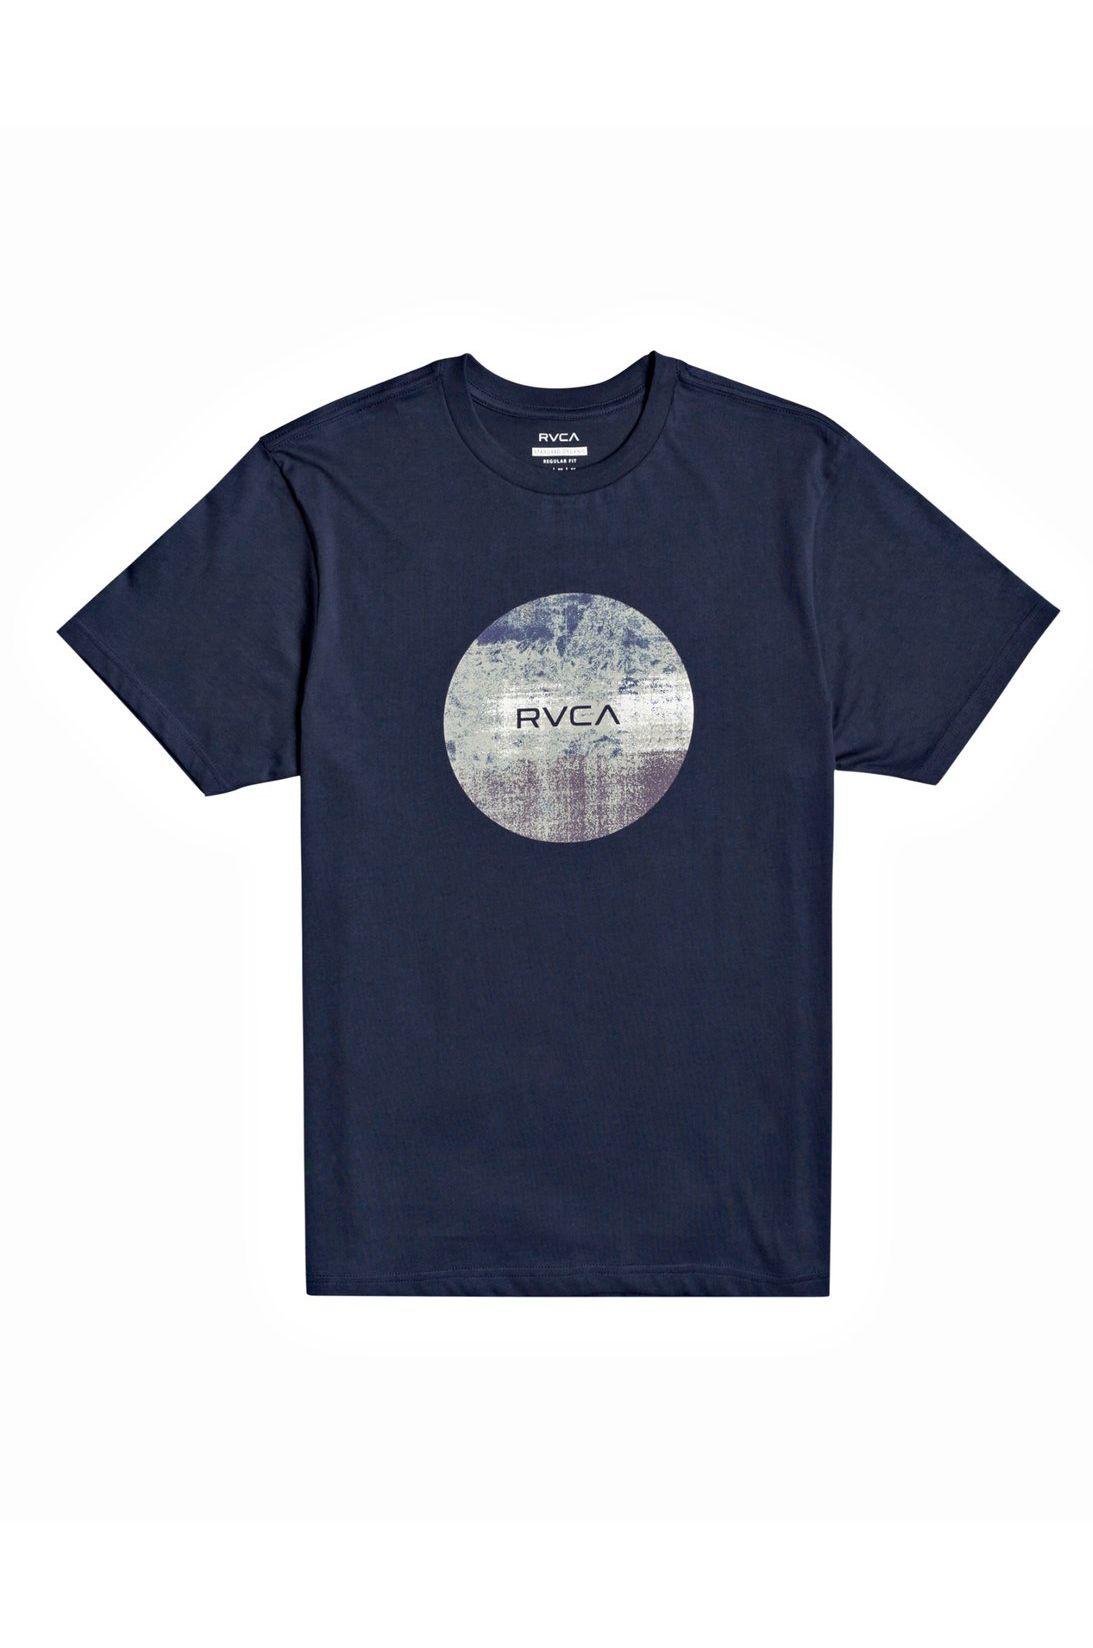 T-Shirt RVCA MOTORS Moody Blue